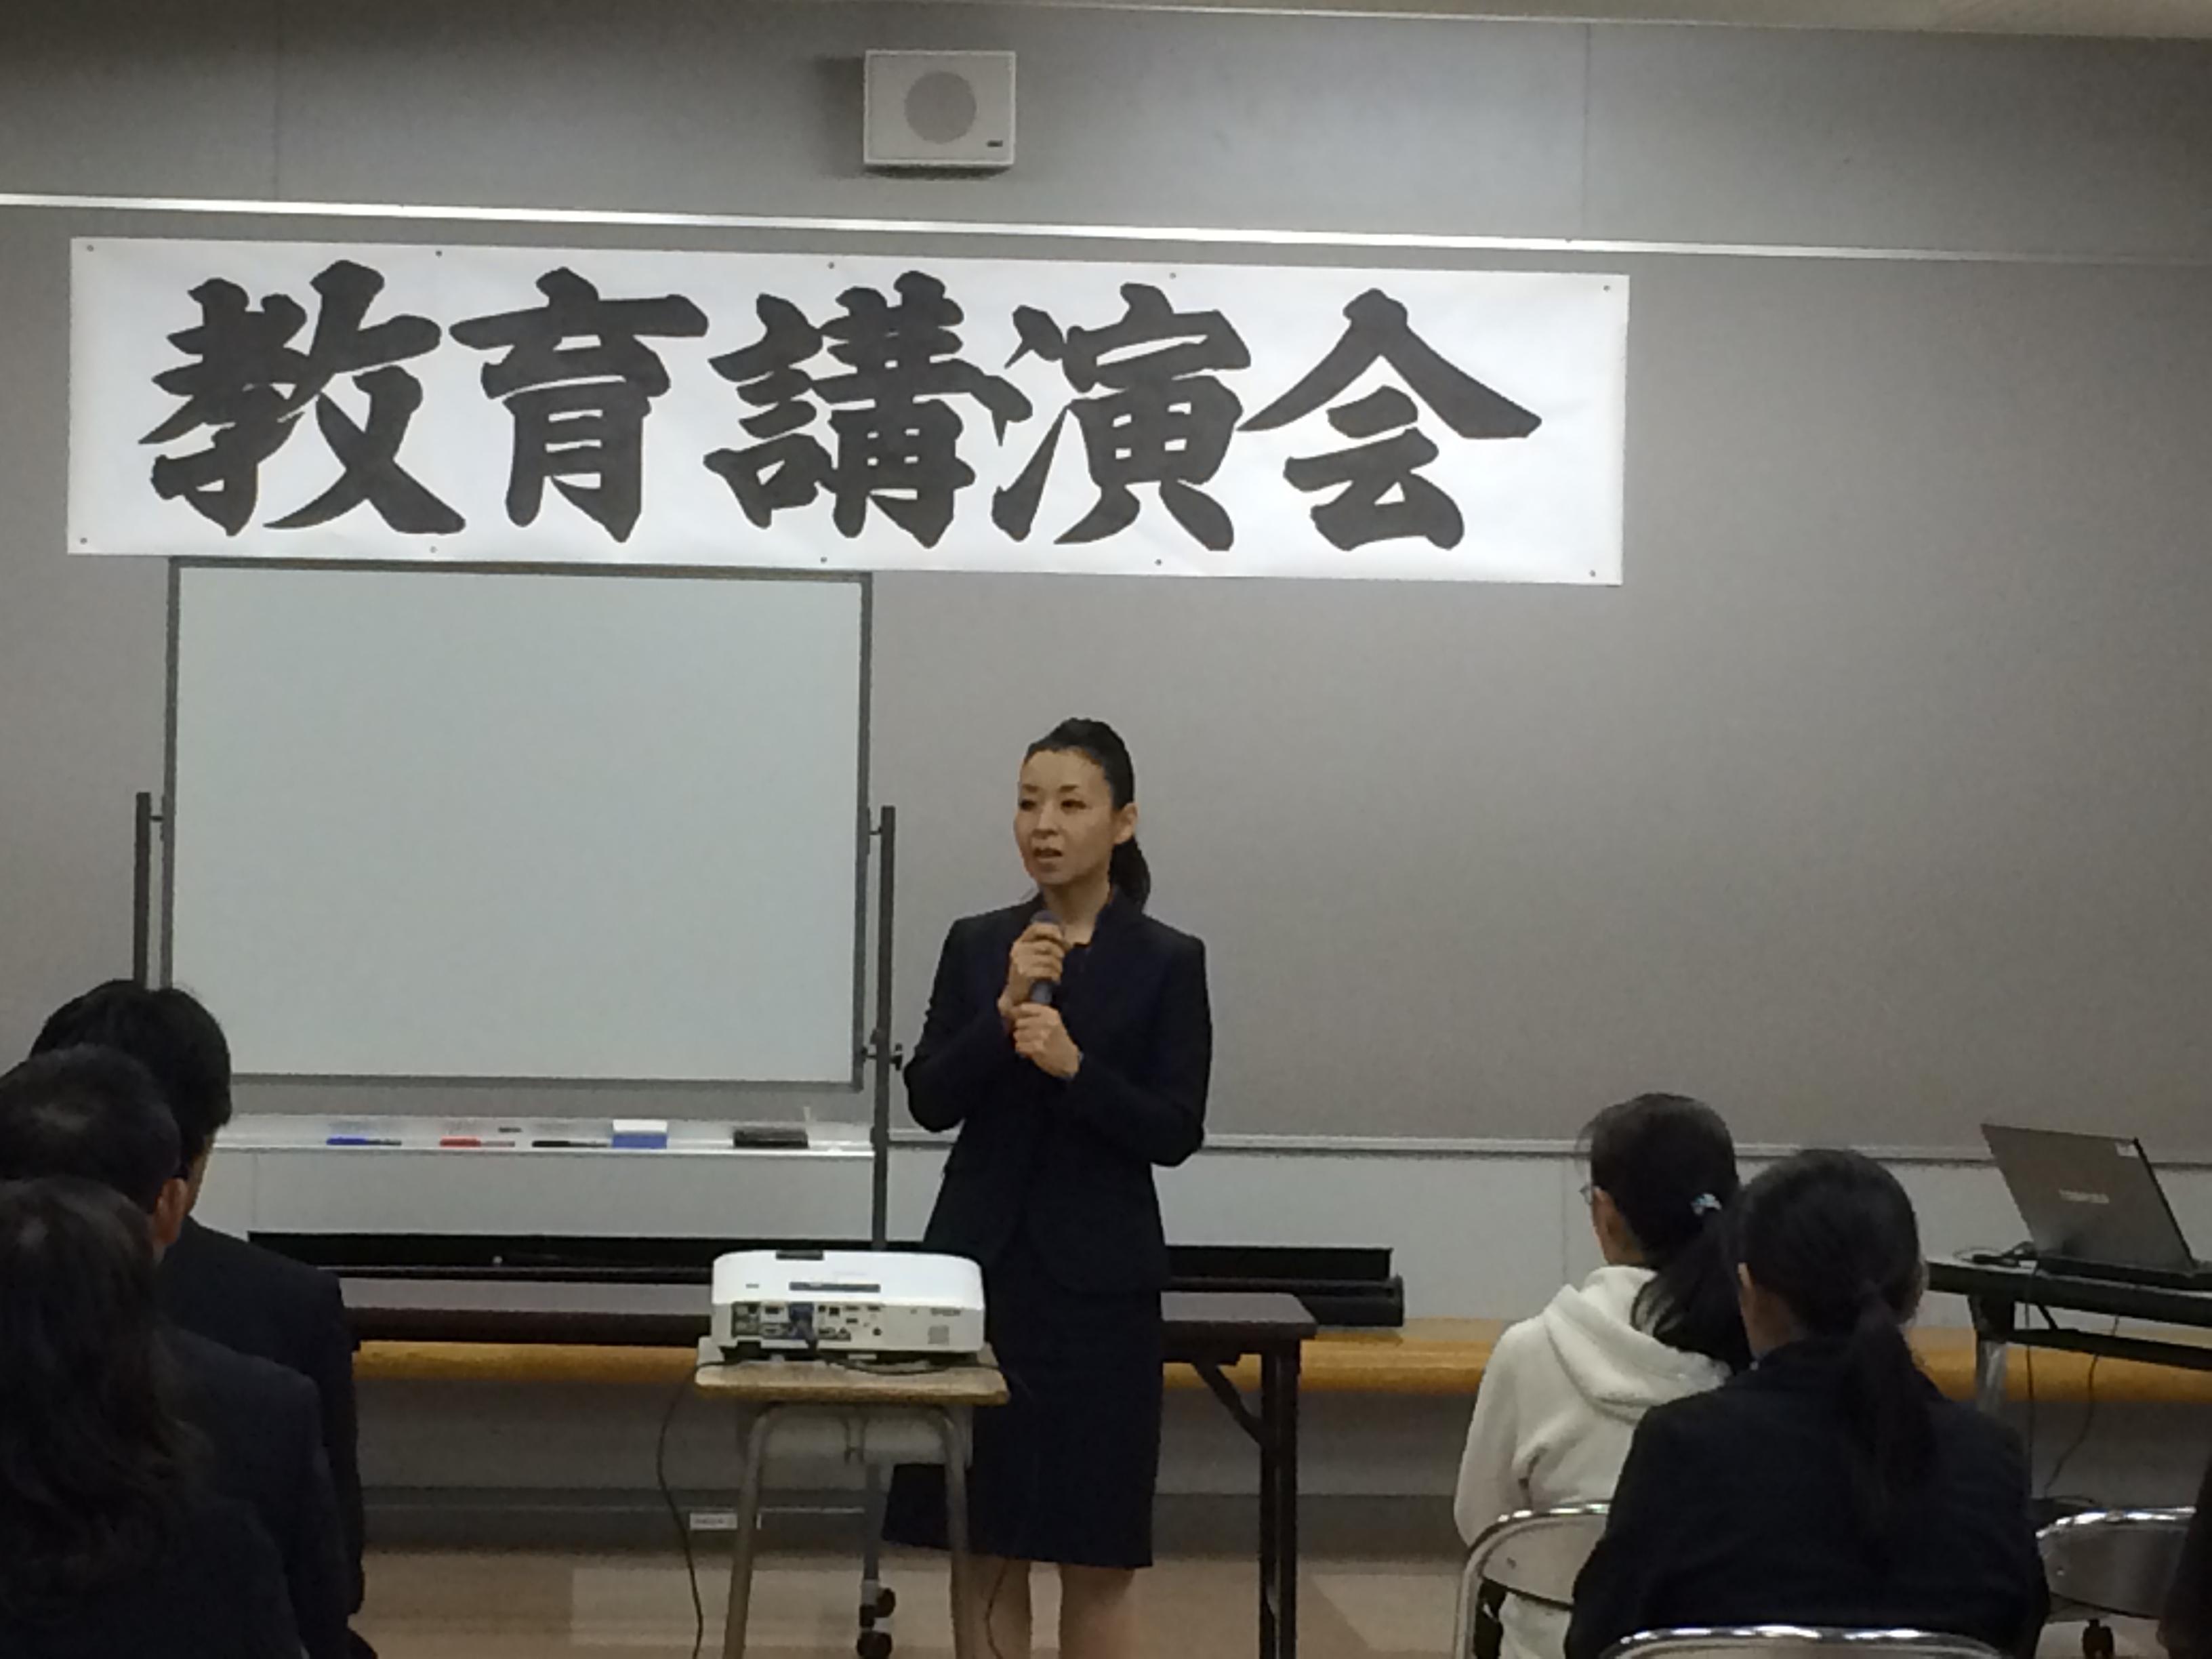 岩手県北上市立東陵中学校さま教育講演